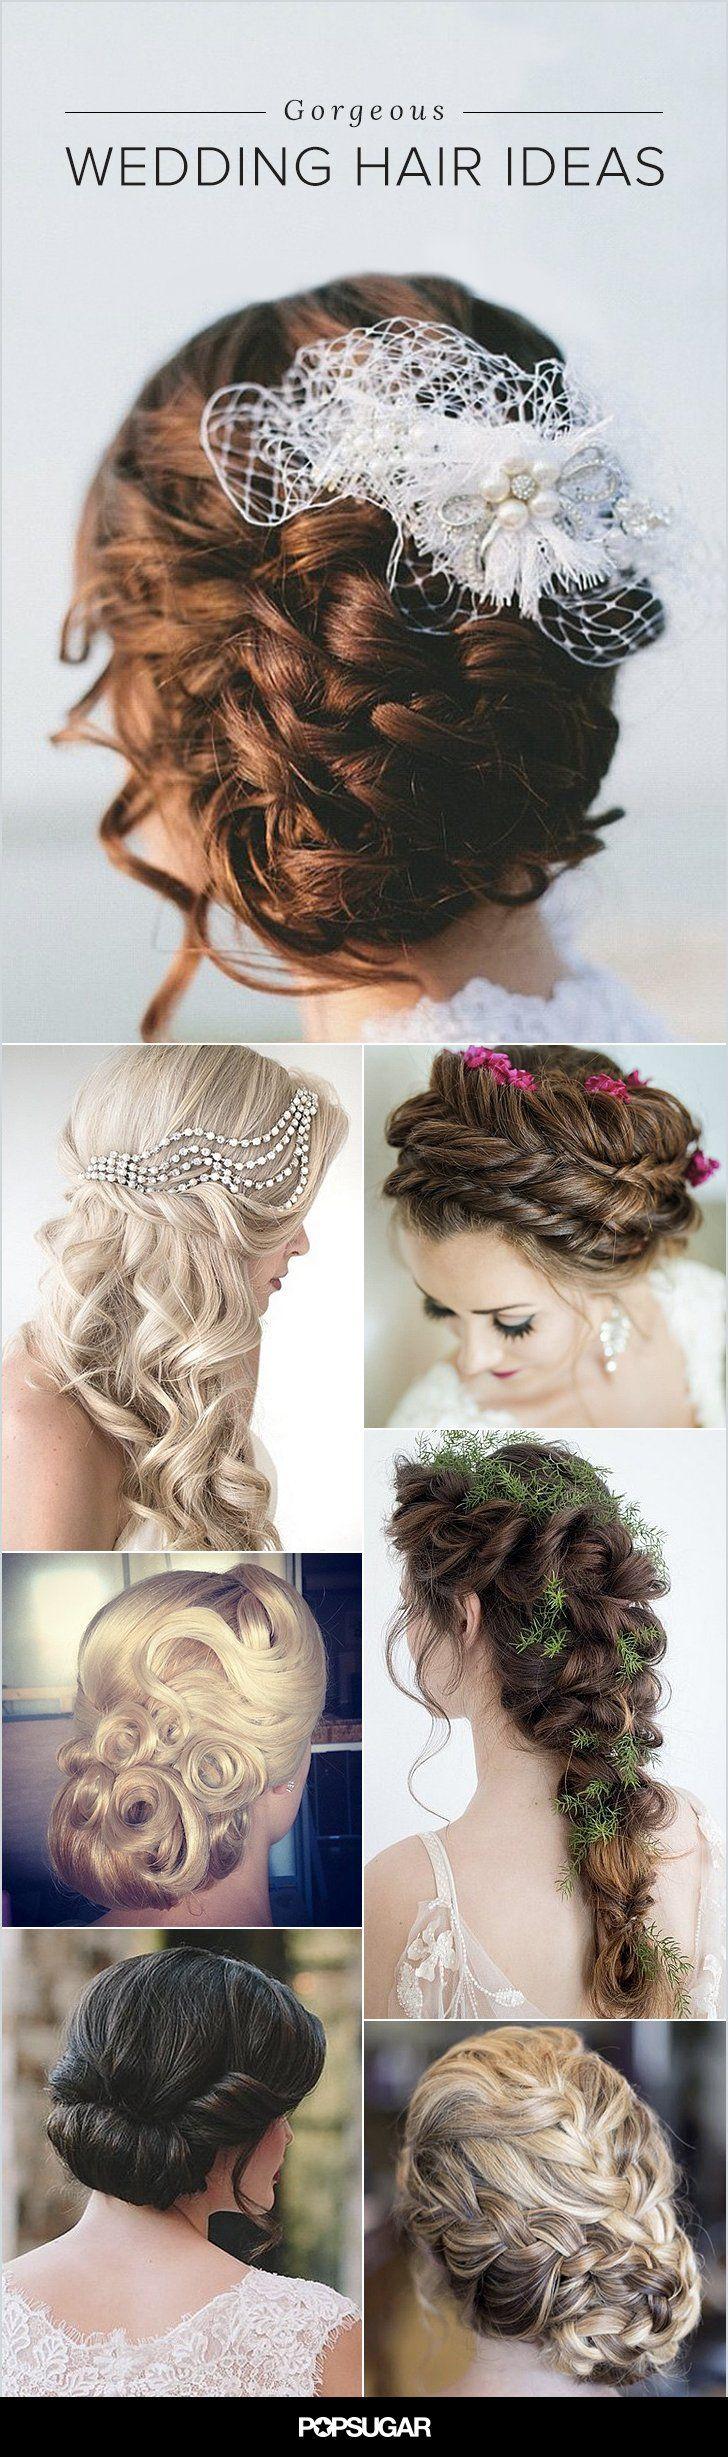 Pin for Later: 40 traumhafte Frisuren für Winter-Hochzeiten